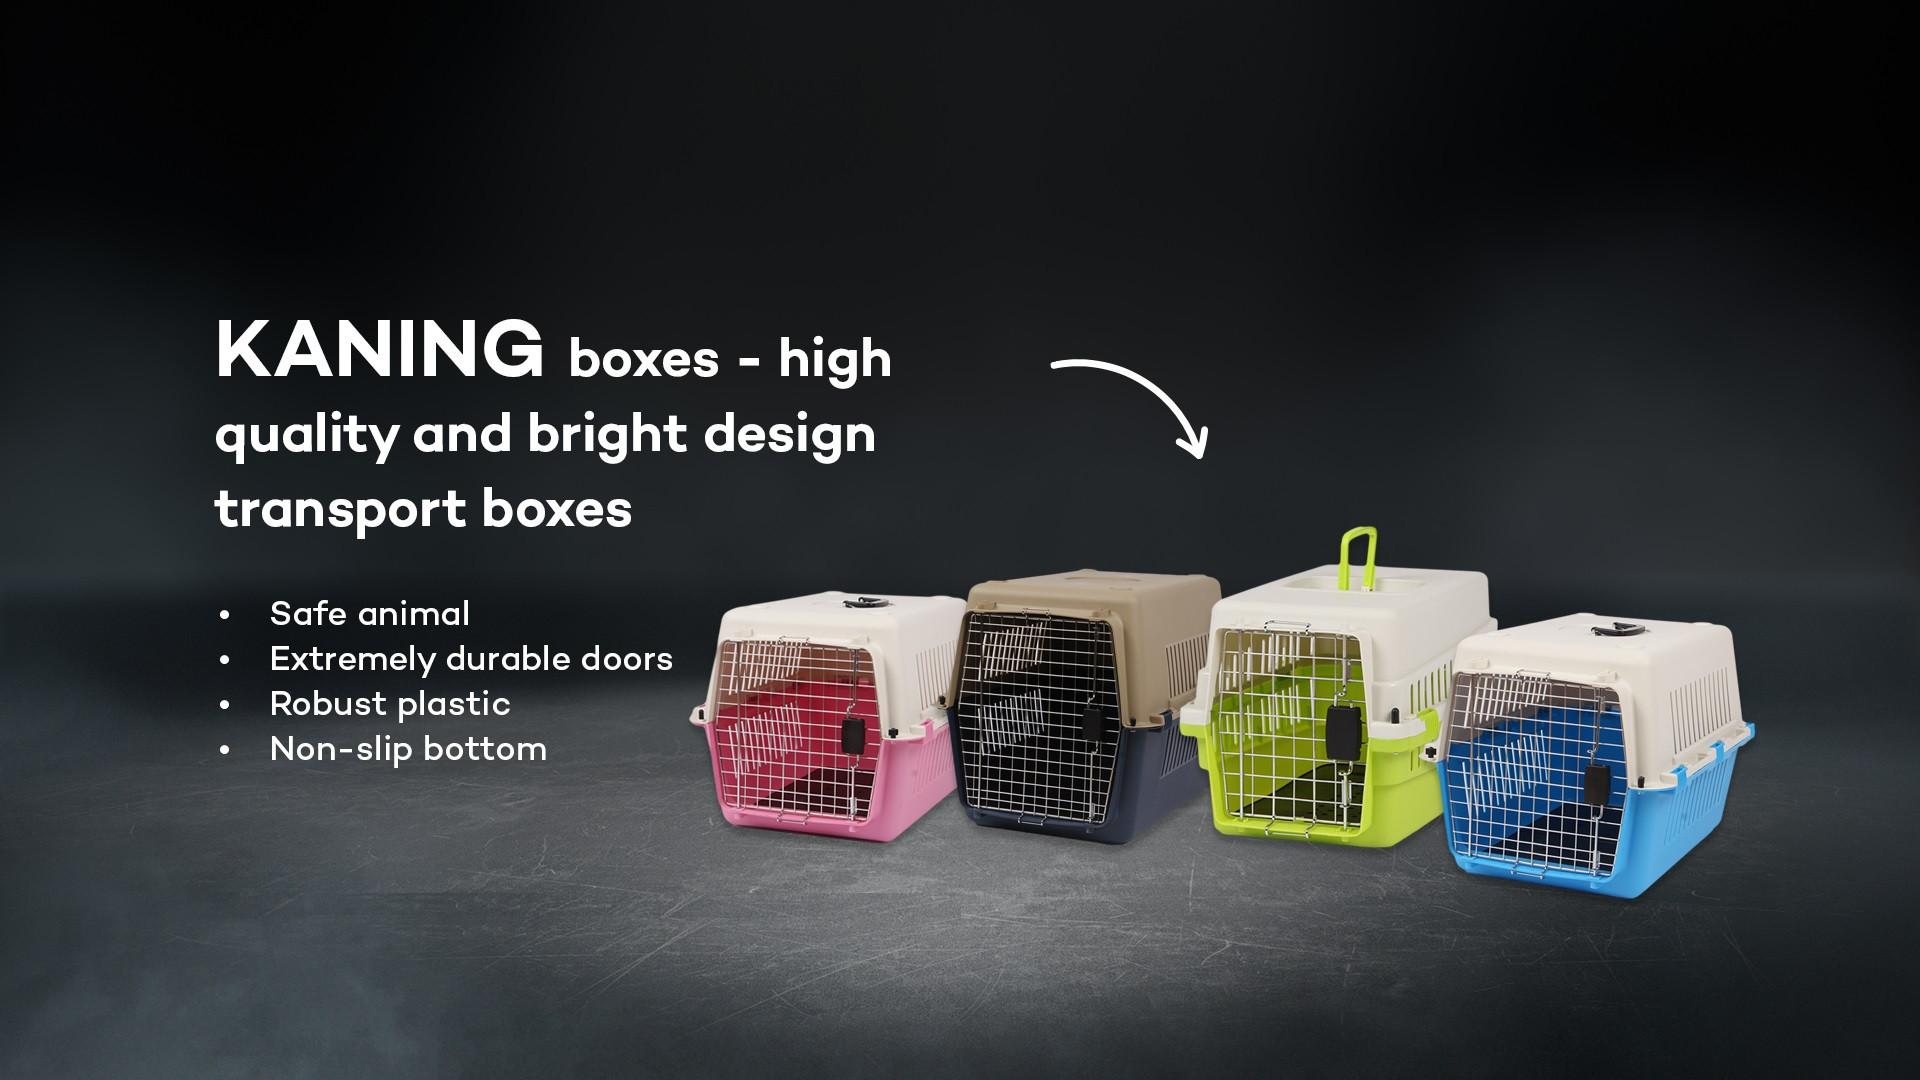 KANING boxes